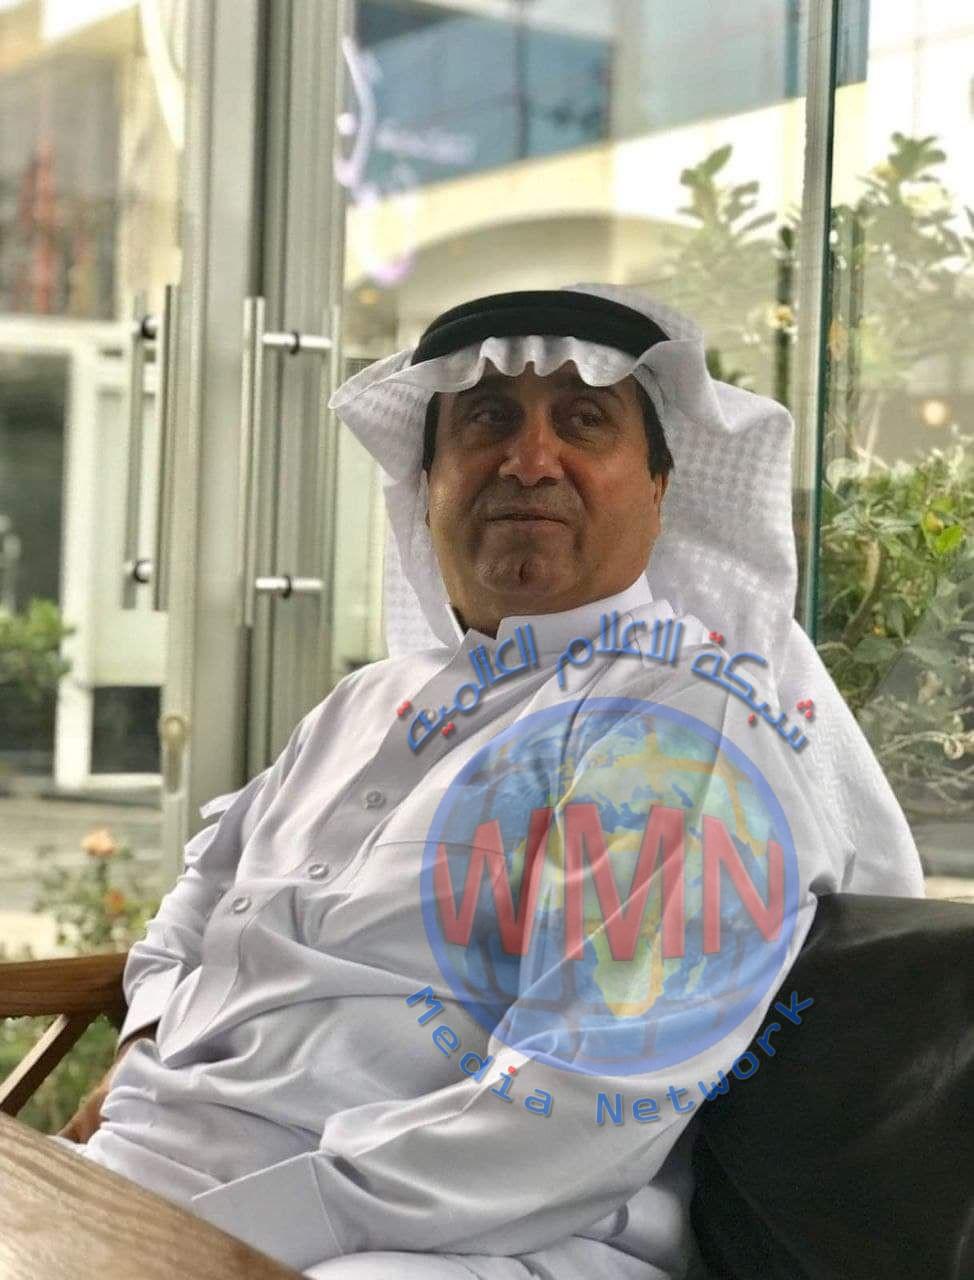 هيئة الحشد الشعبي تنعى آمر اللواء 51 عشم سبهان الخلف الجبوري